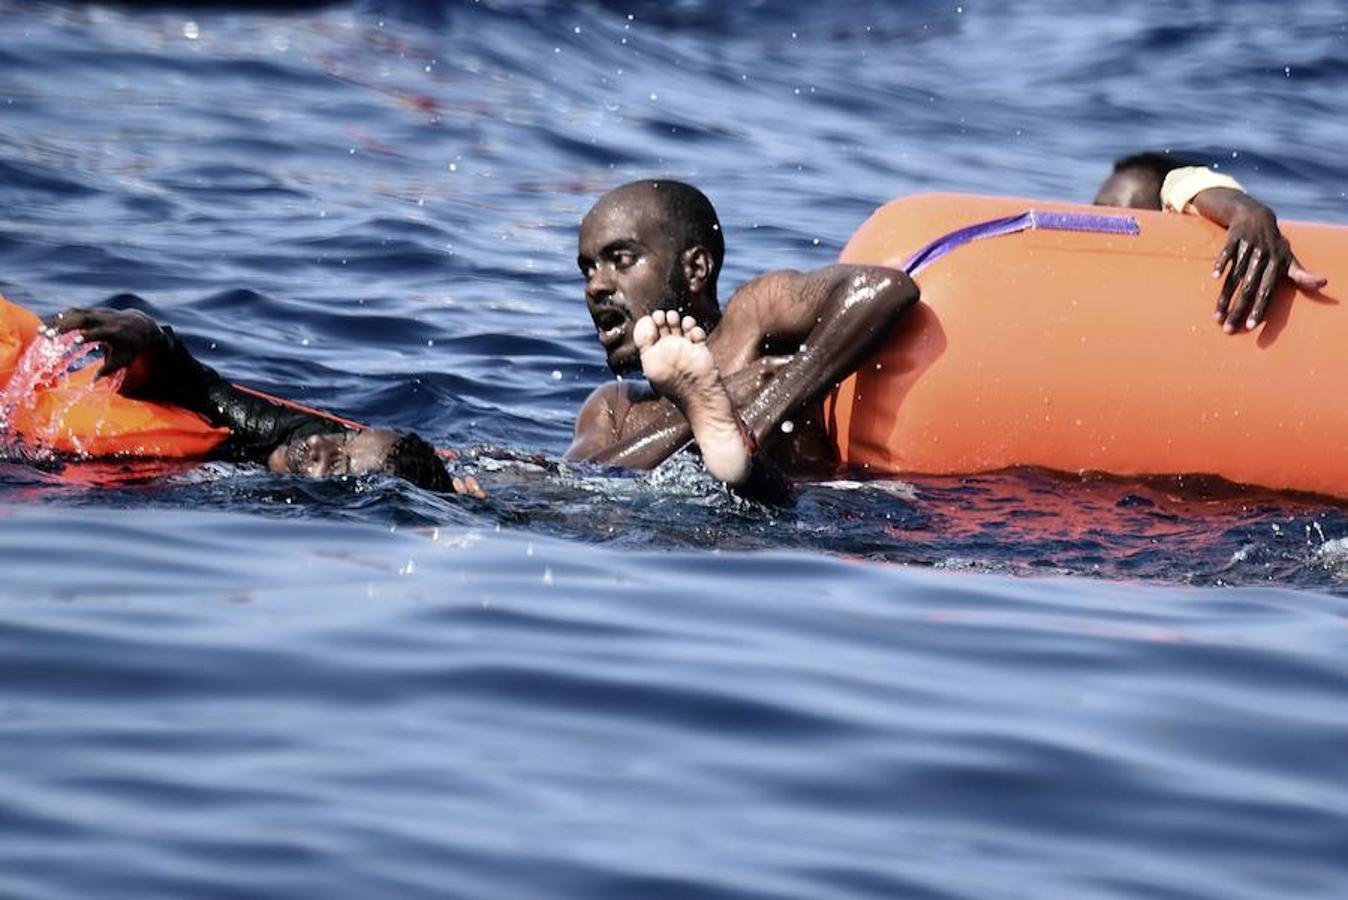 Las mafias que operan a sus anchas en Libia siguen lanzando africanos desesperados con rumbo a Europa